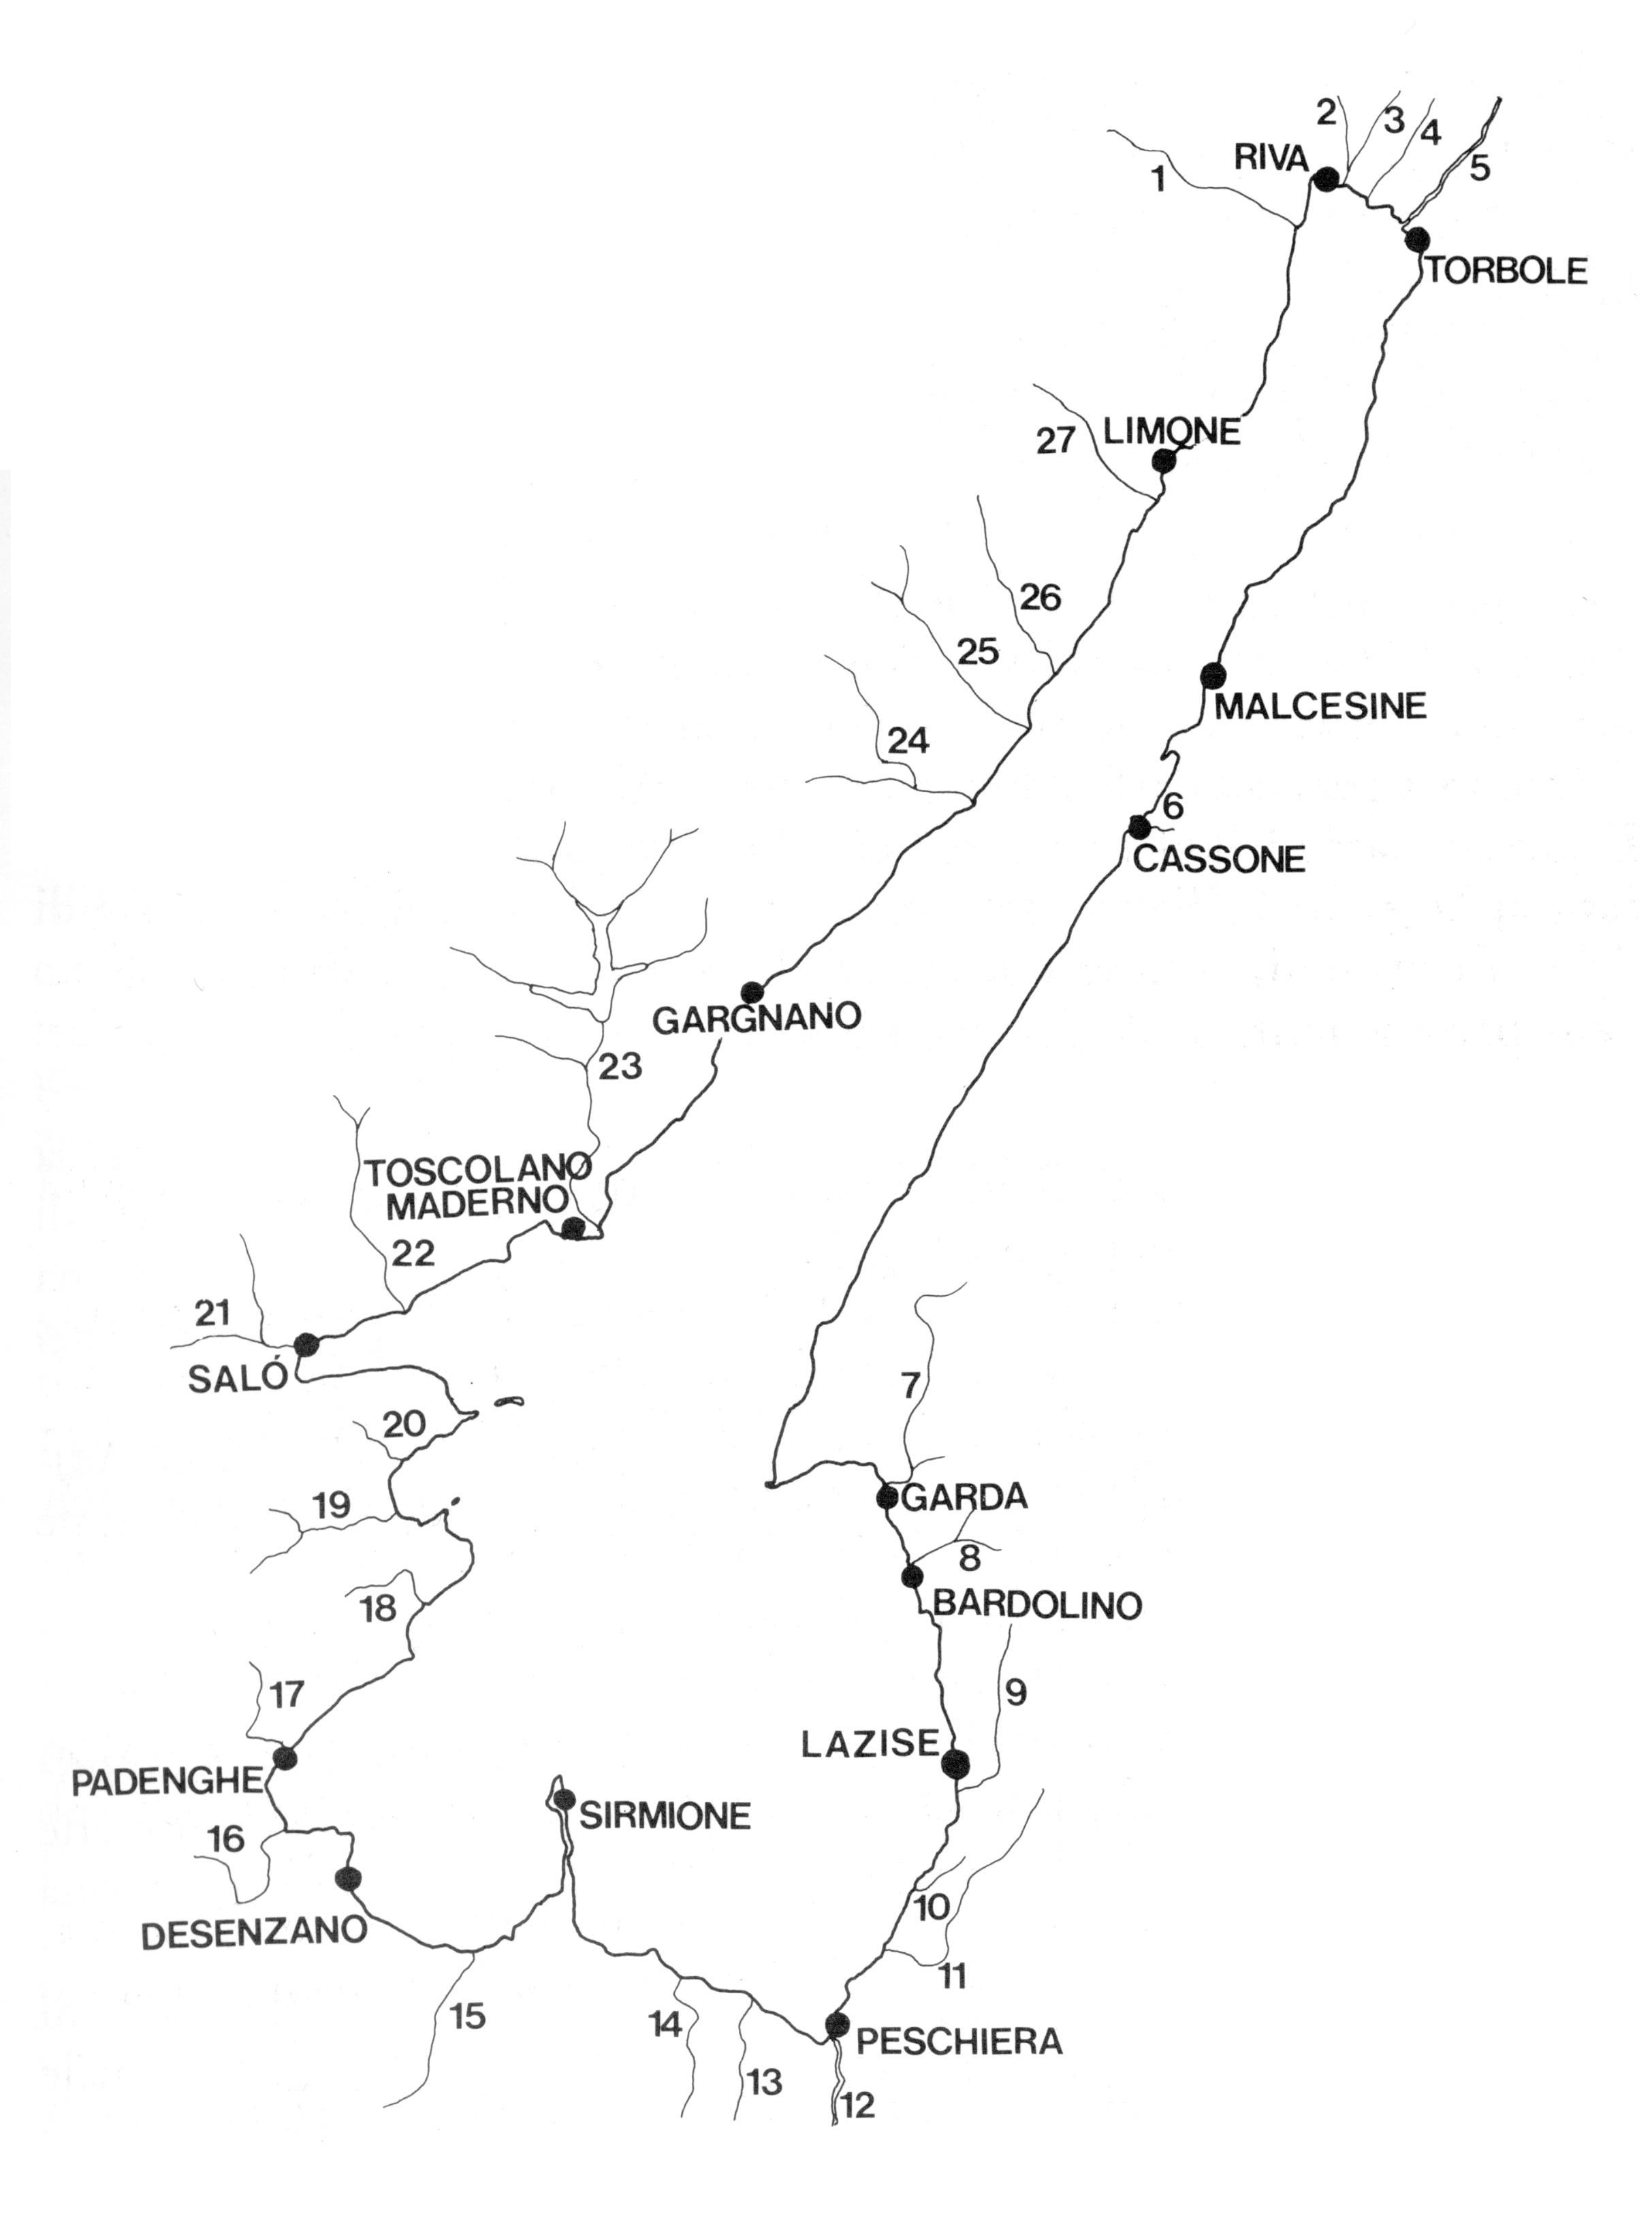 Lago Di Garda Cartina Fisica.Fiumi Ed Isole Del Lago Di Garda Museo Della Pesca E Delle Tradizioni Lacustri